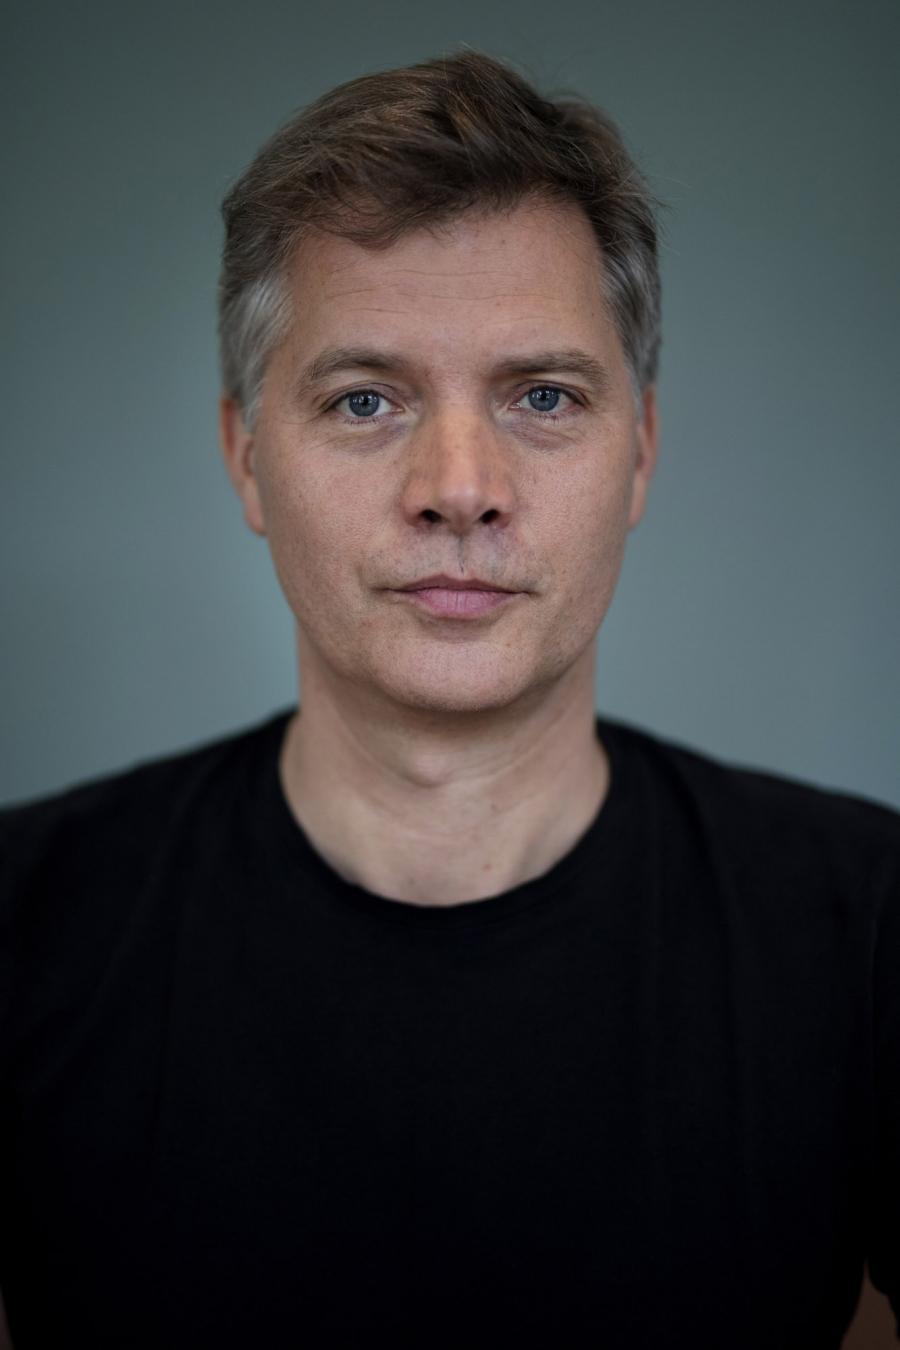 Ragnar van Linden van den Heuvell